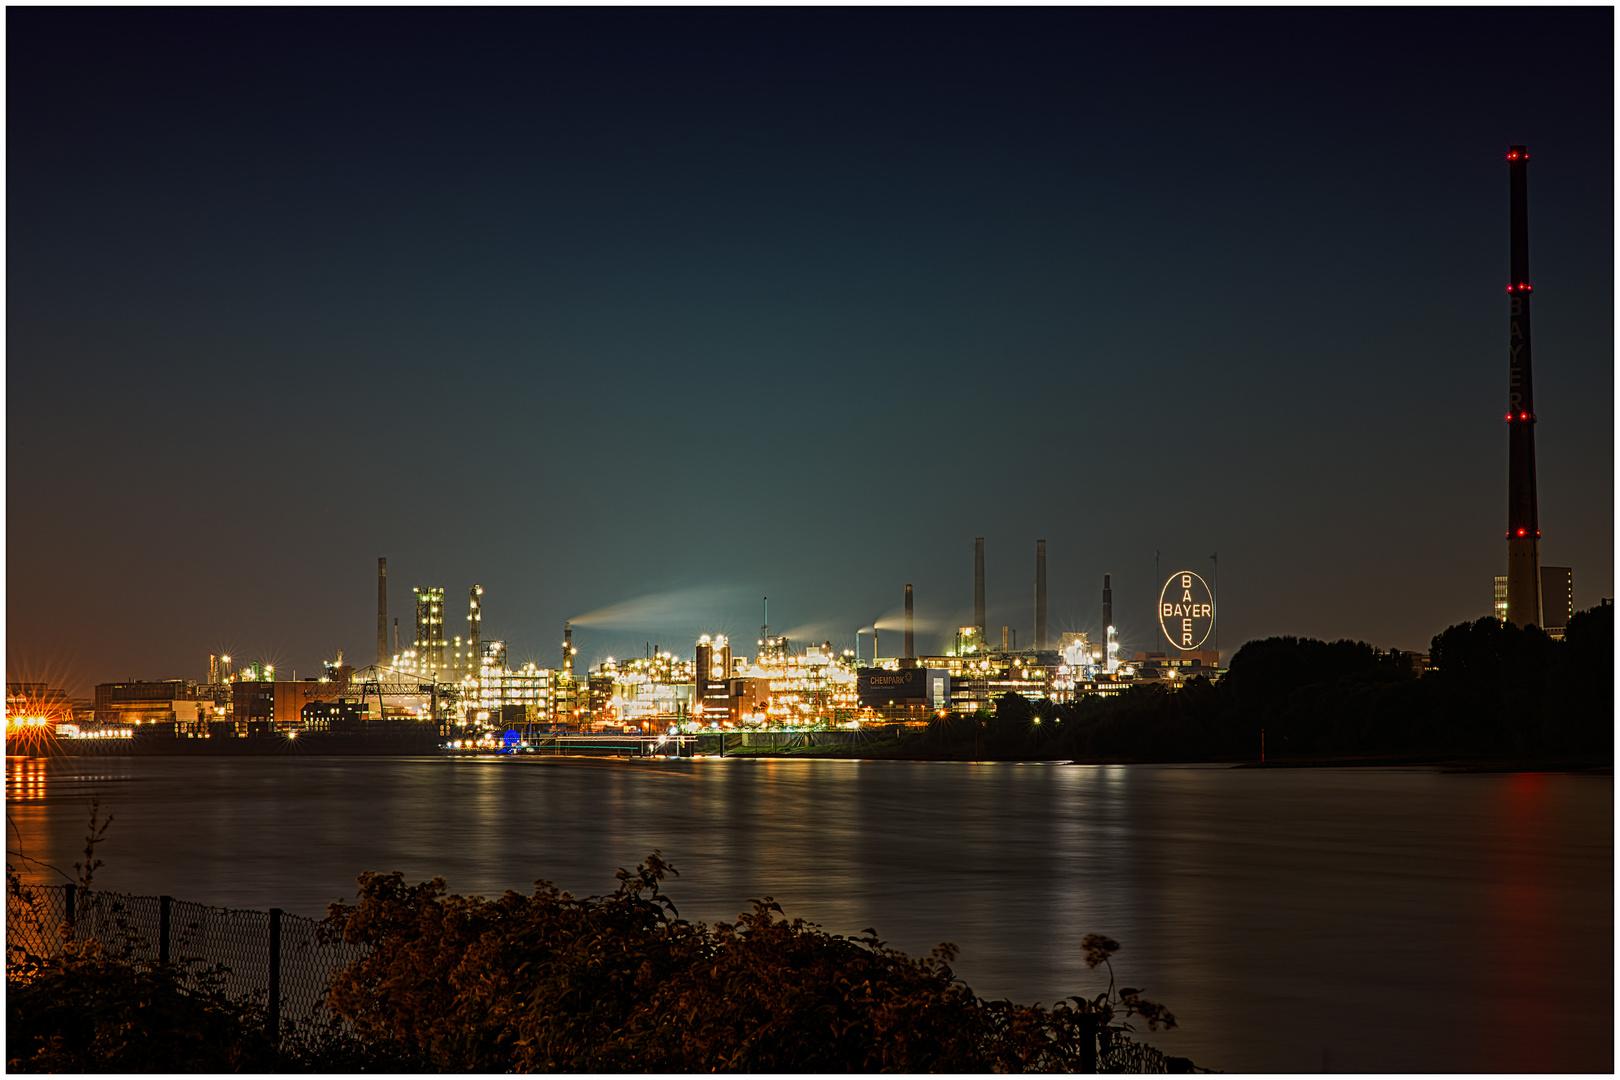 Bayer bei Nacht 2